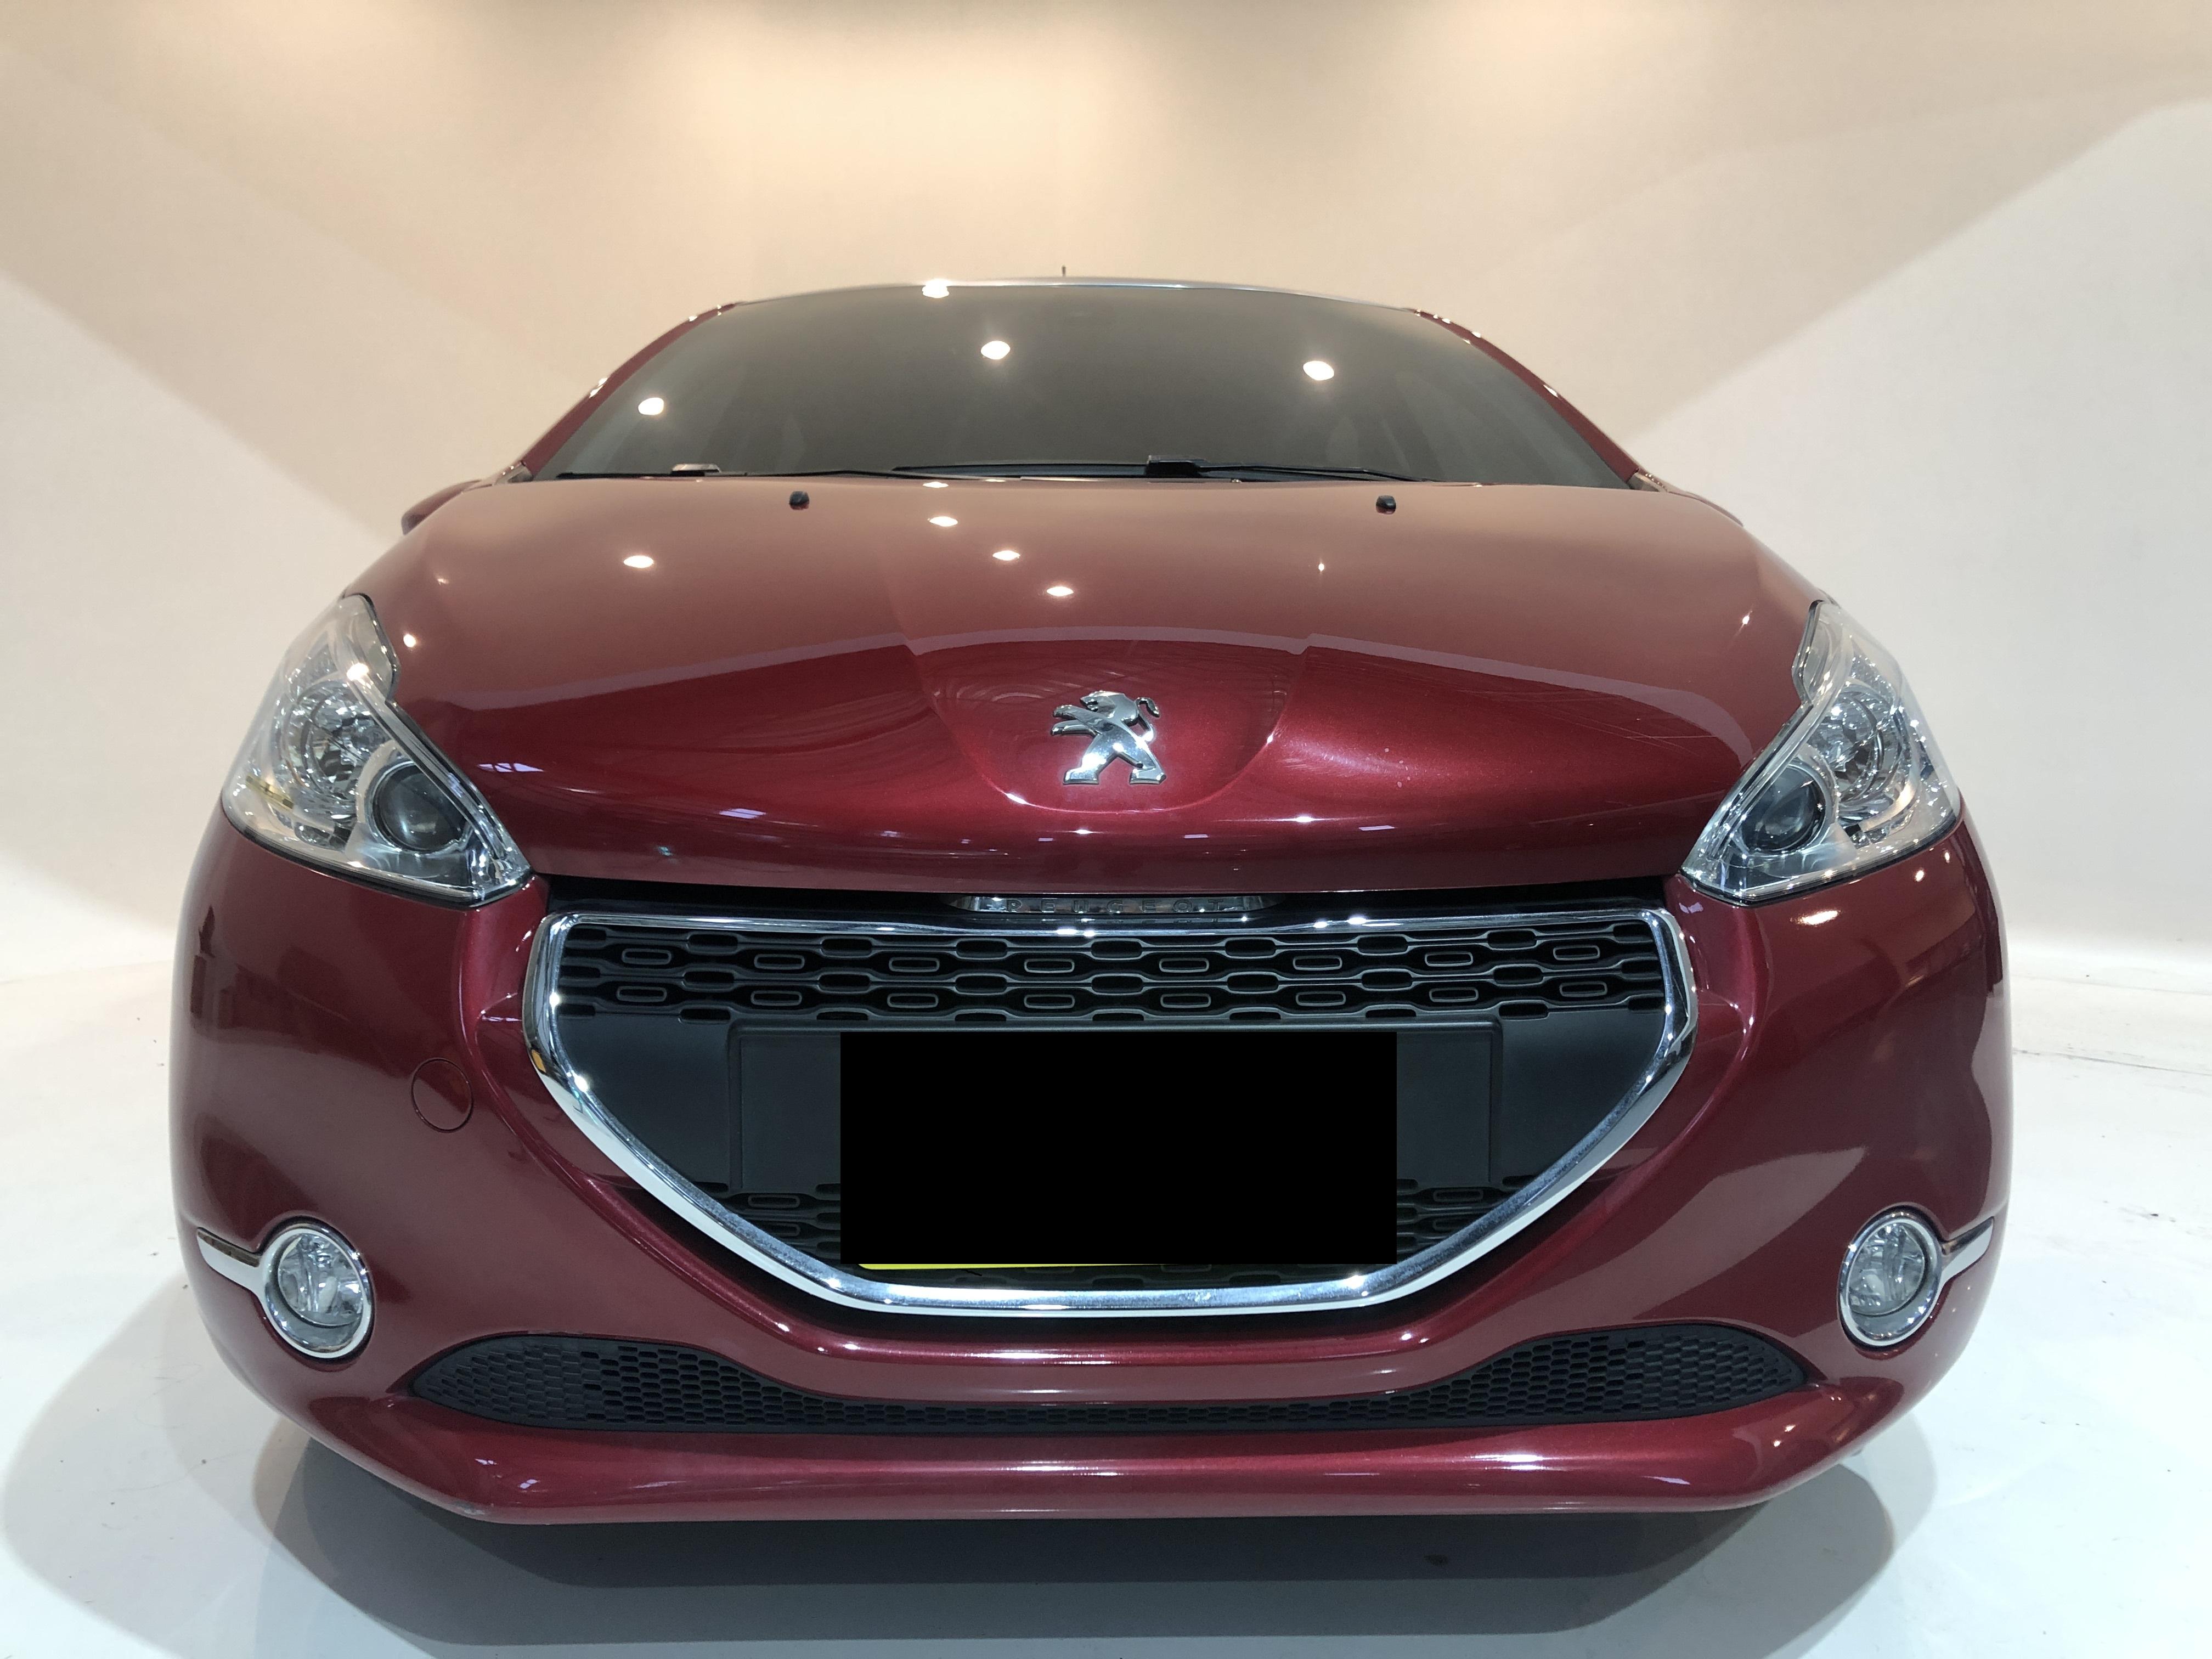 2015 Peugeot 寶獅 208